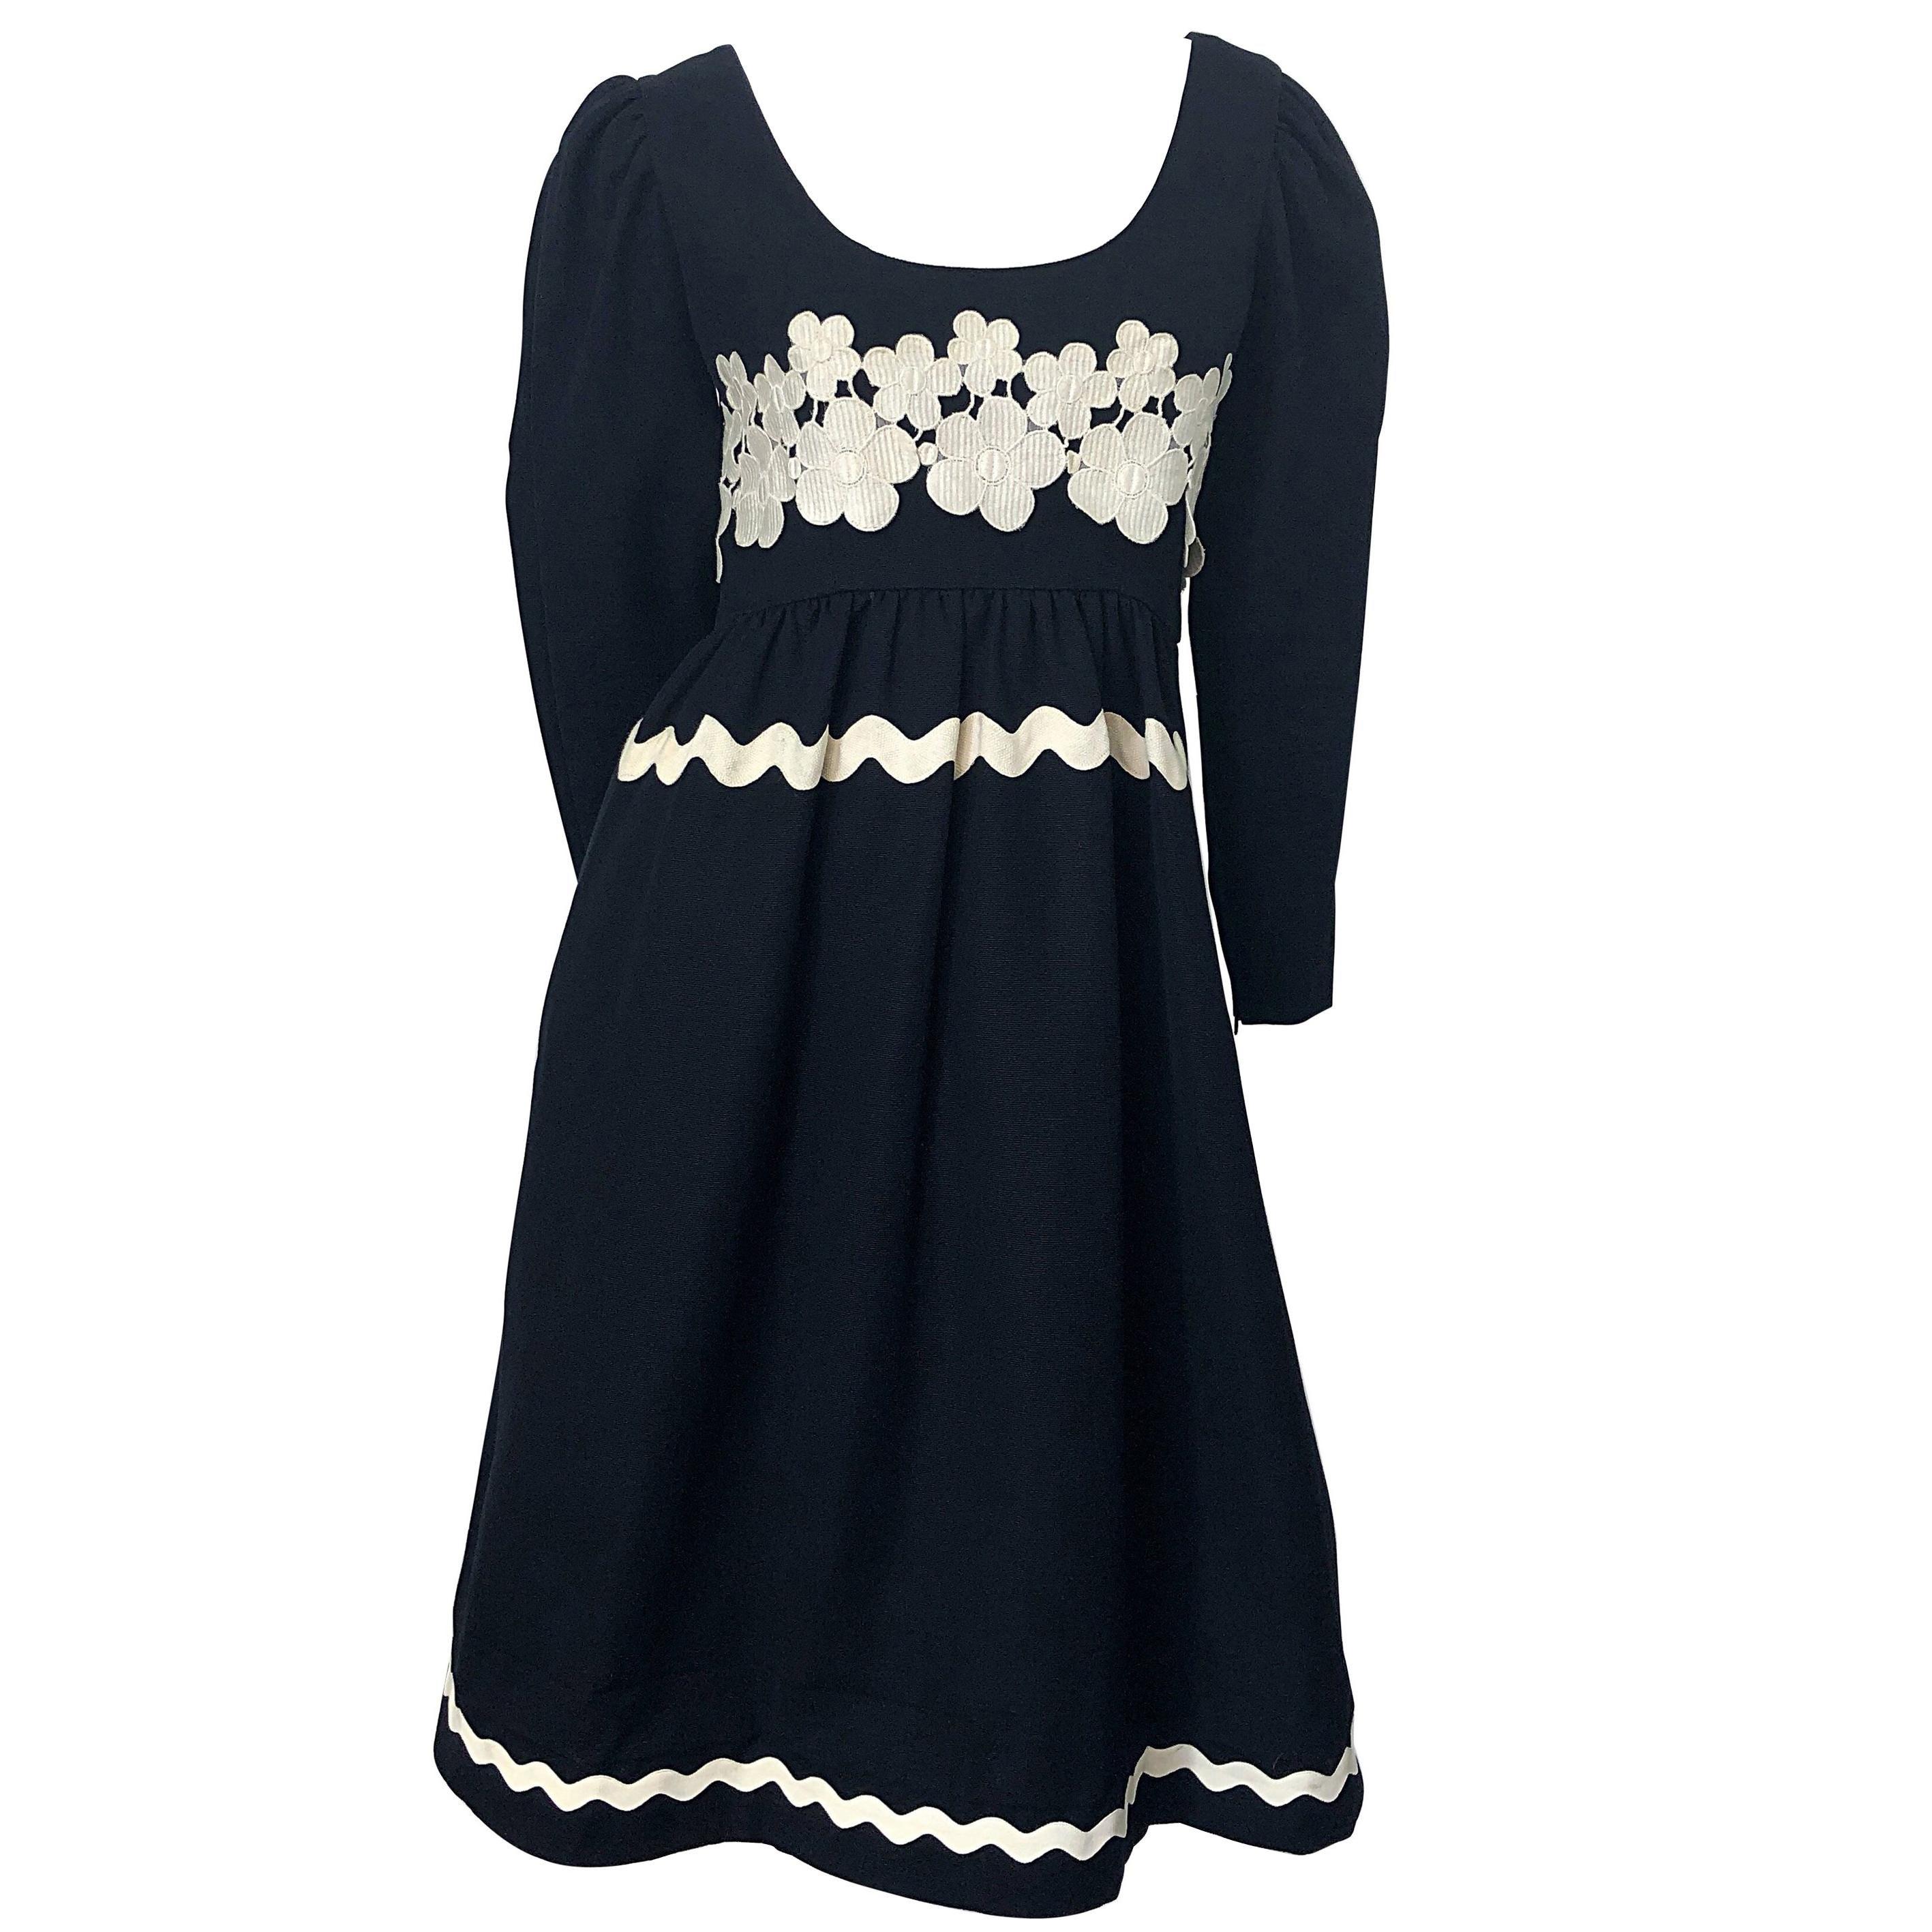 44f8edc061dbb4 Vintage Oscar De La Renta Day Dresses - 146 For Sale at 1stdibs